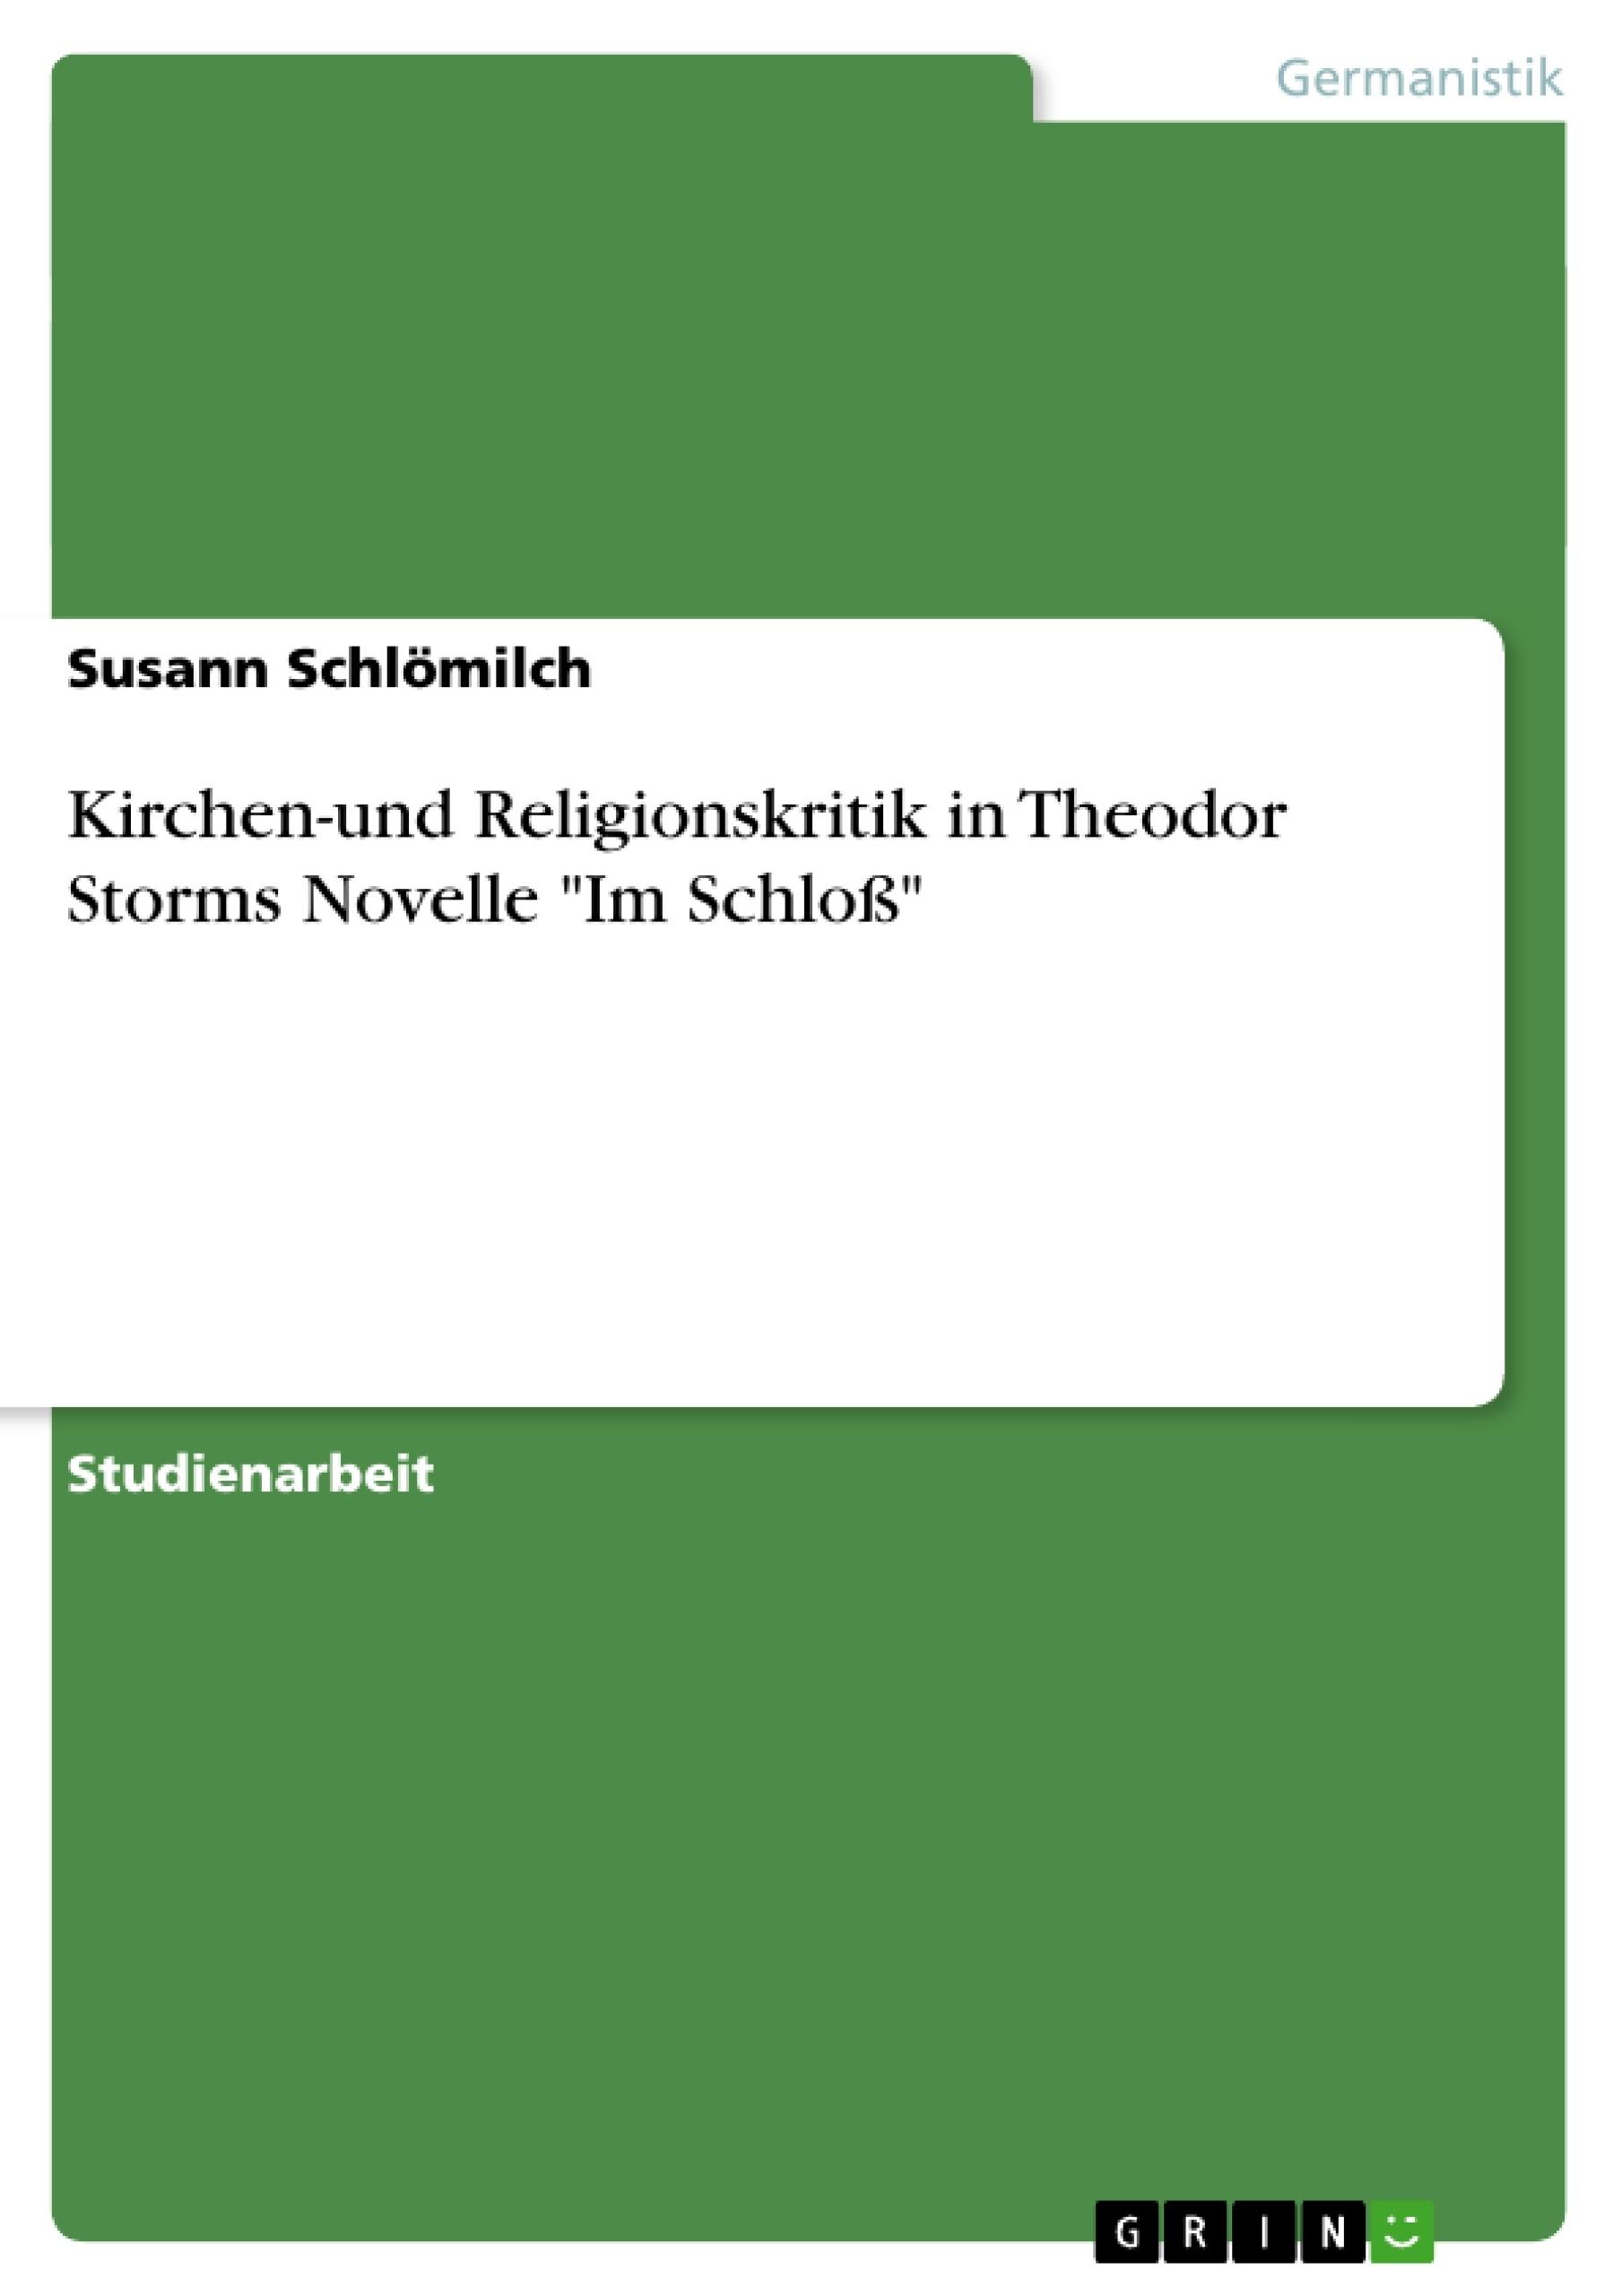 """Titel: Kirchen-und Religionskritik in Theodor Storms Novelle """"Im Schloß"""""""